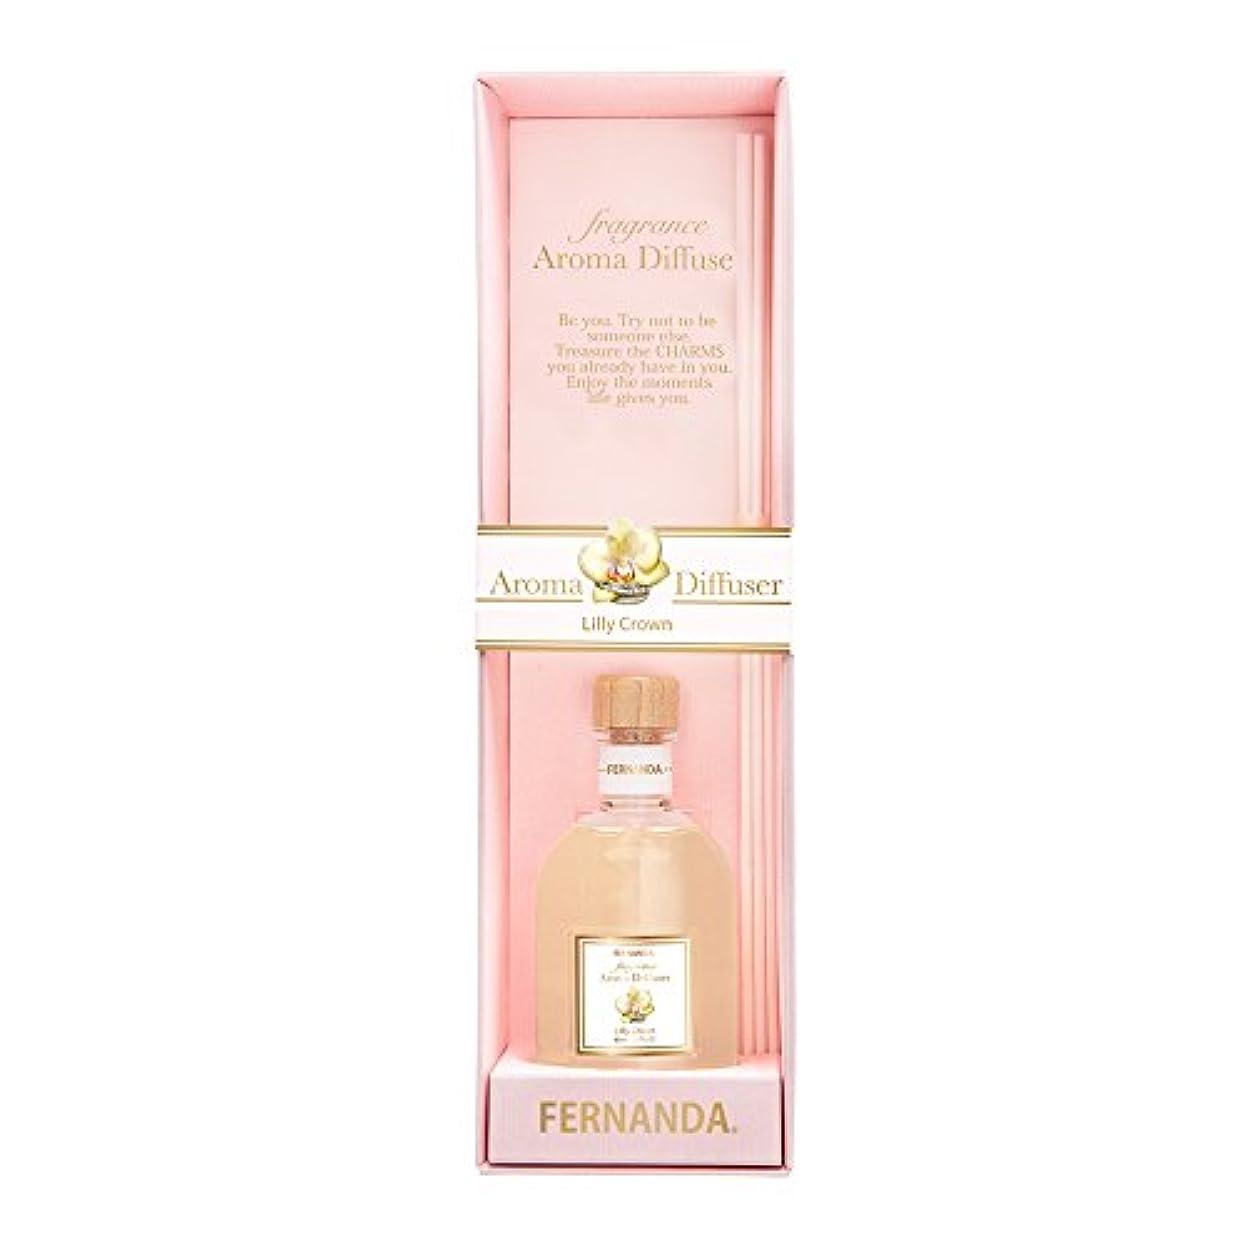 ユーモラス山積みの眠りFERNANDA(フェルナンダ) Fragrance Aroma Diffuser Lilly Crown (アロマディフューザー リリークラウン)